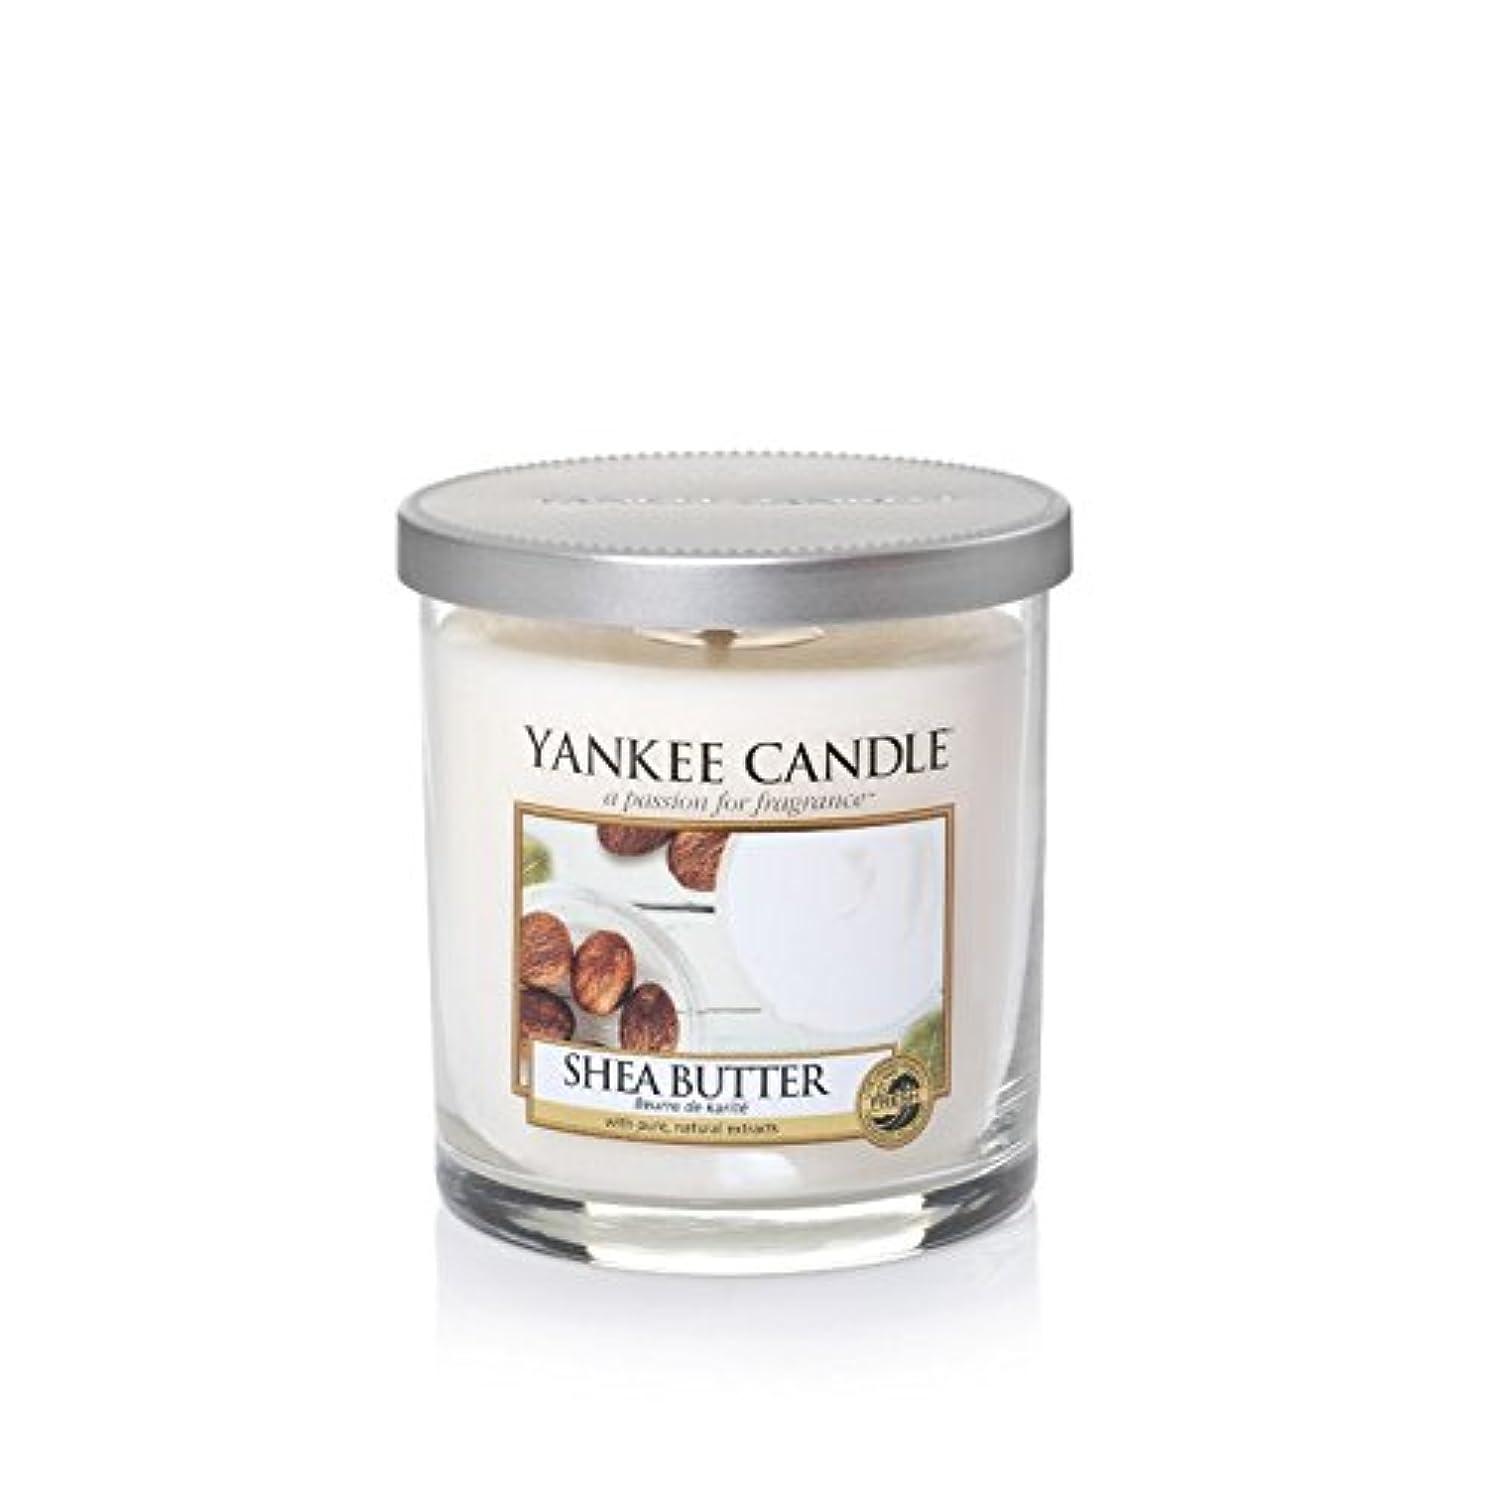 原油煩わしいブラジャーヤンキーキャンドルの小さな柱キャンドル - シアバター - Yankee Candles Small Pillar Candle - Shea Butter (Yankee Candles) [並行輸入品]